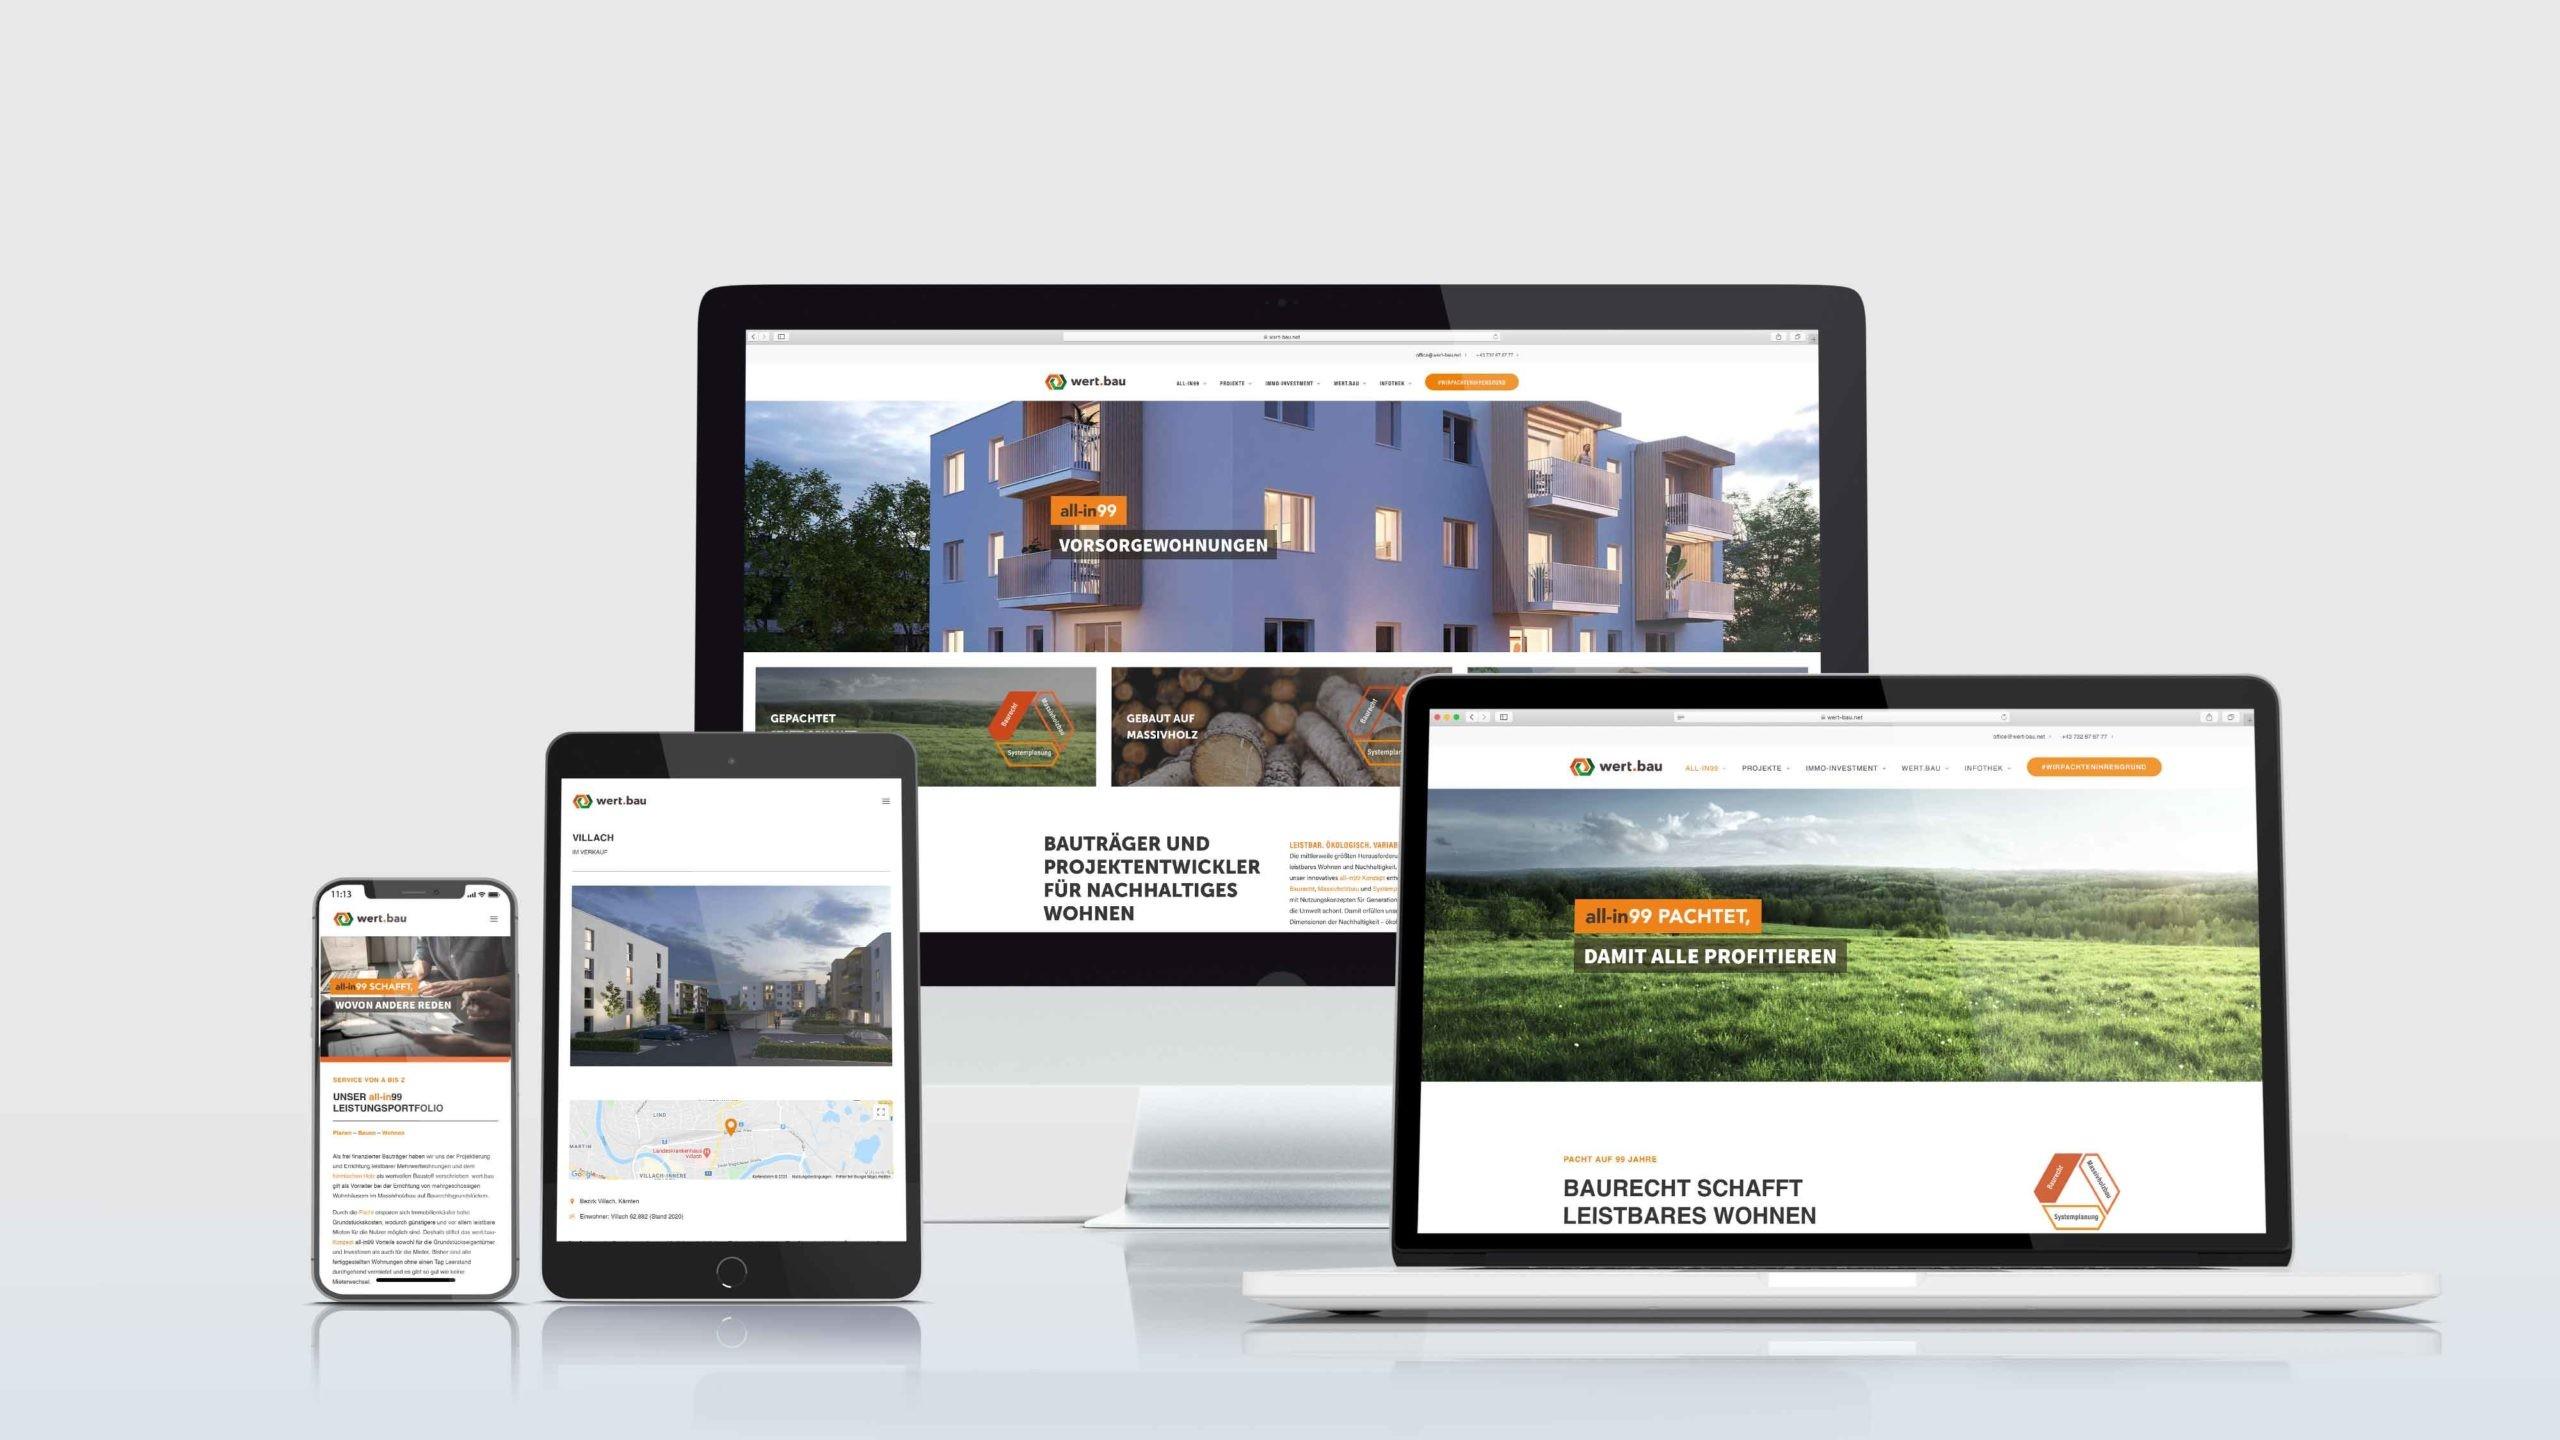 Webdesign der wert.bau auf Smartphone, Tablet, Desktop und Laptop (von links nach rechts)